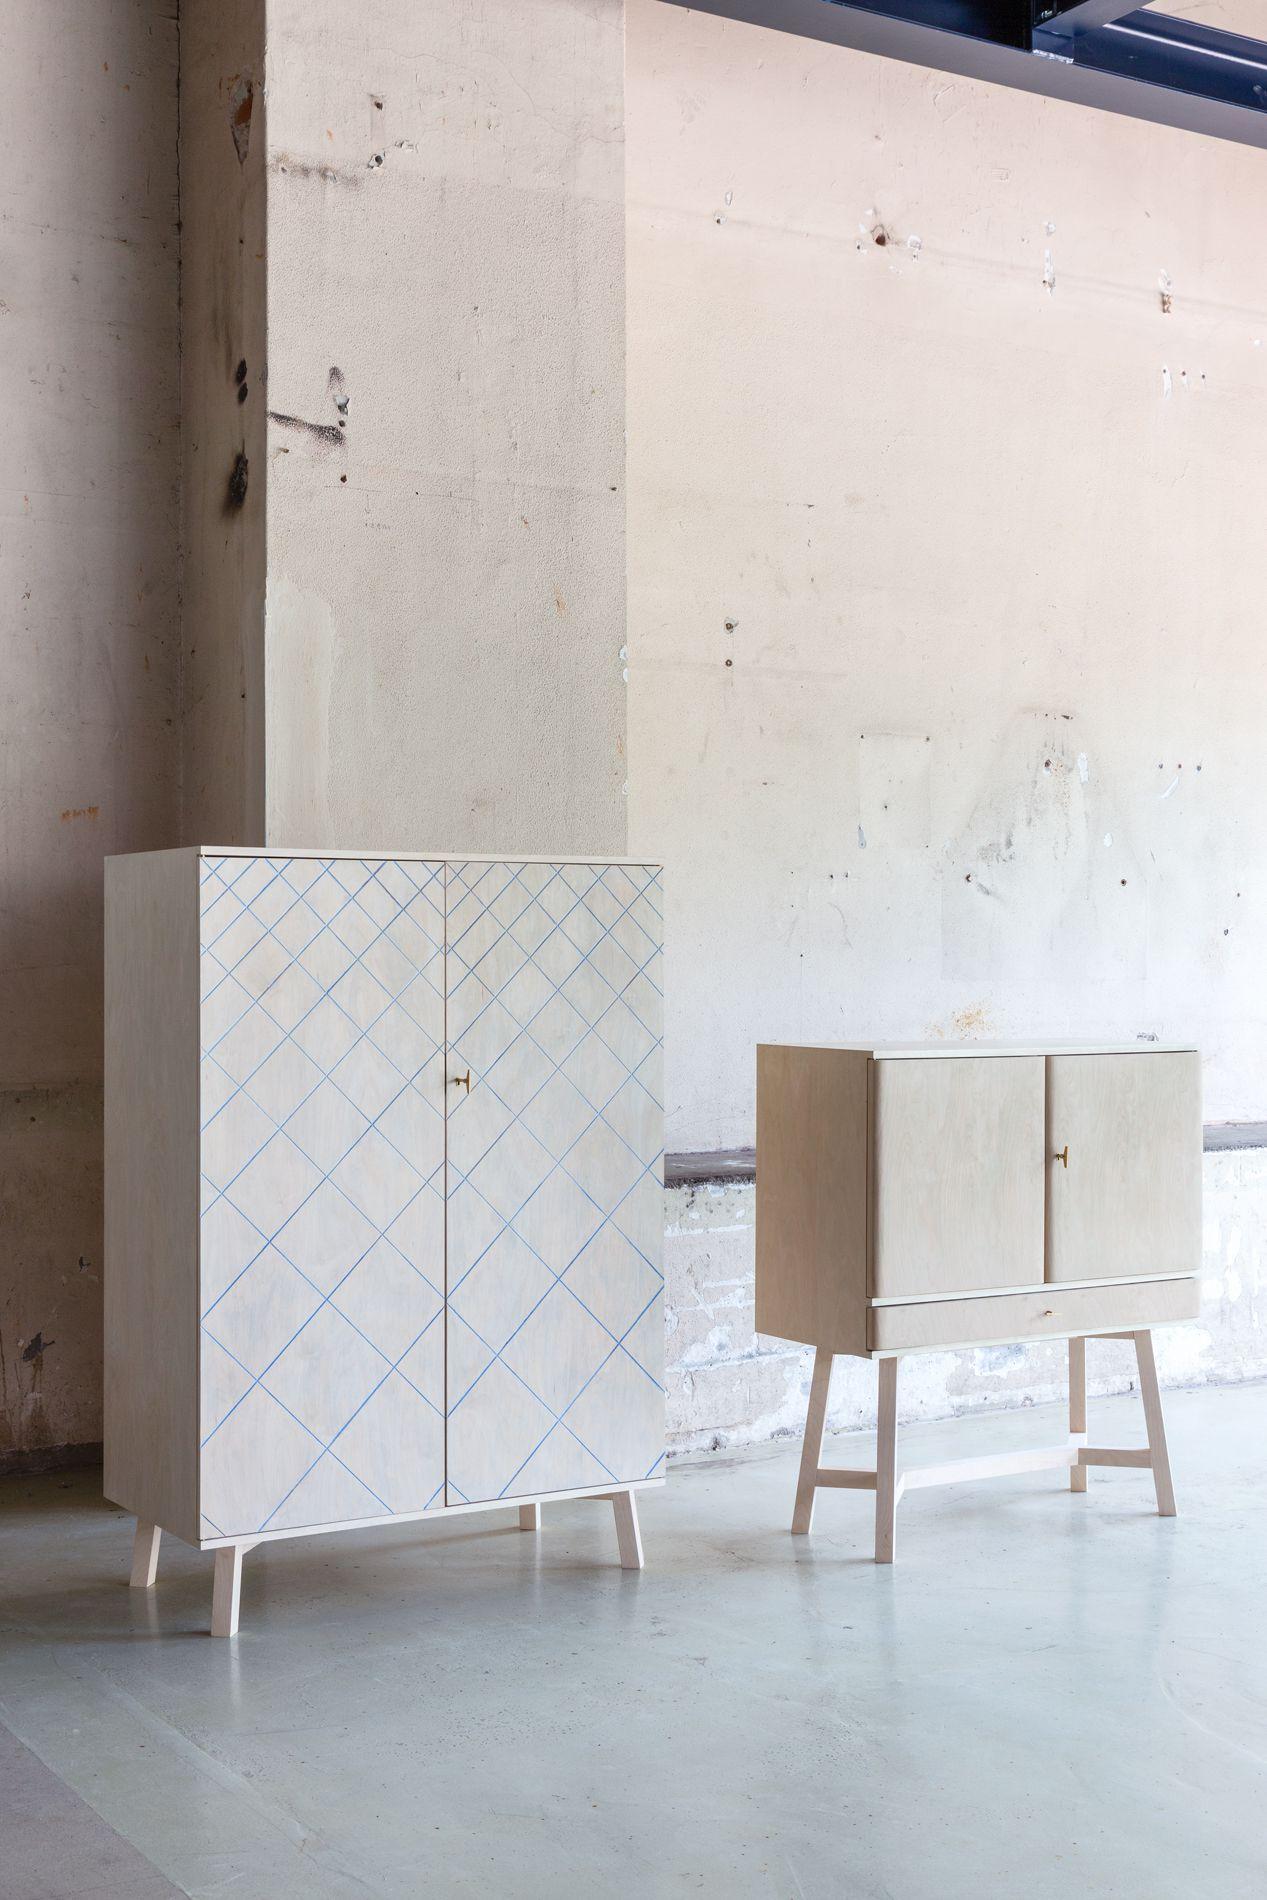 designed by malou van dijck